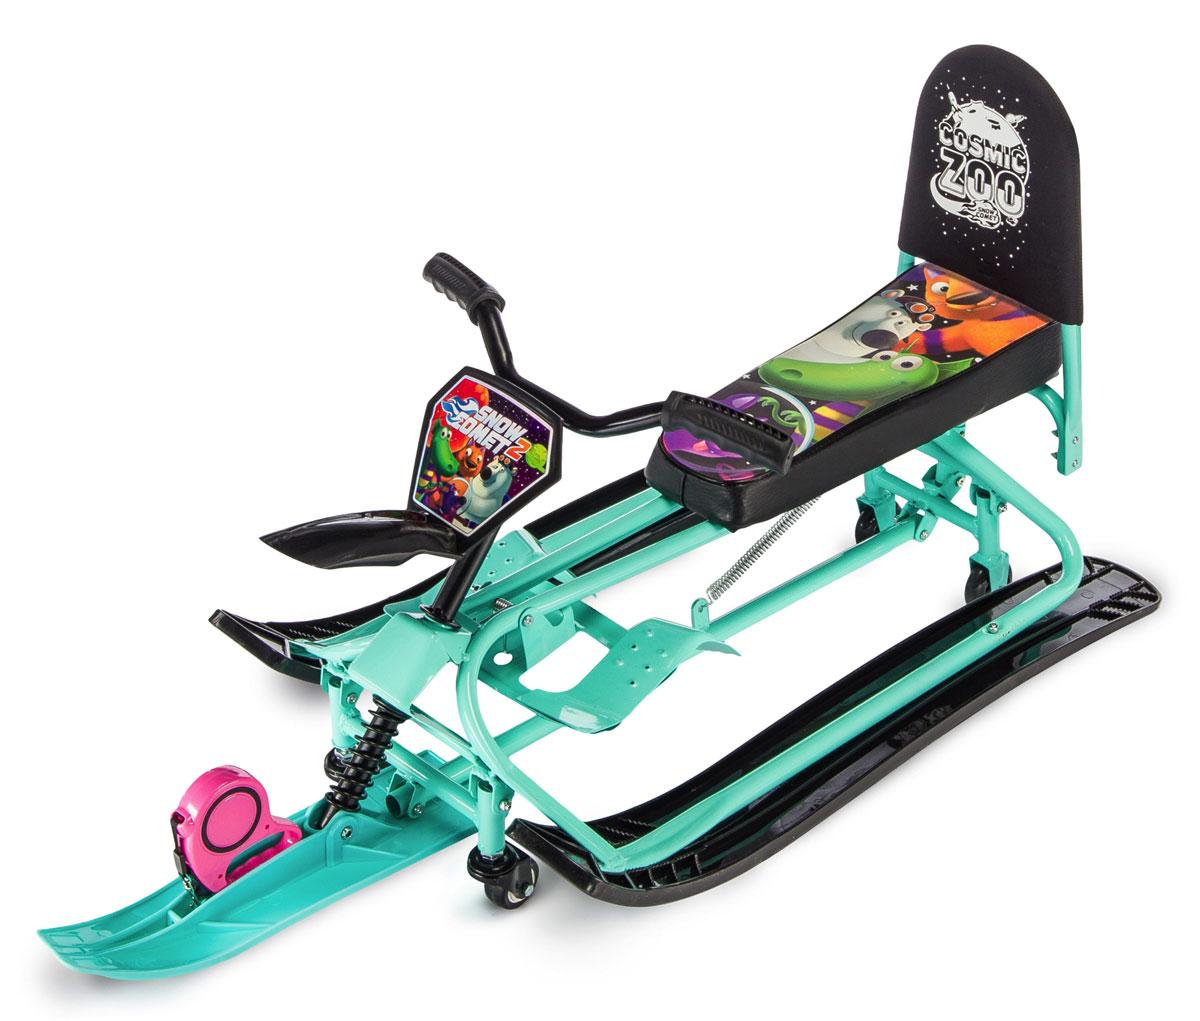 Снегокат-трансформер Small Rider Snow Comet 2, с колесами и спинкой, цвет: аква тюбинг small rider snow cars 3 bm blue 1387733